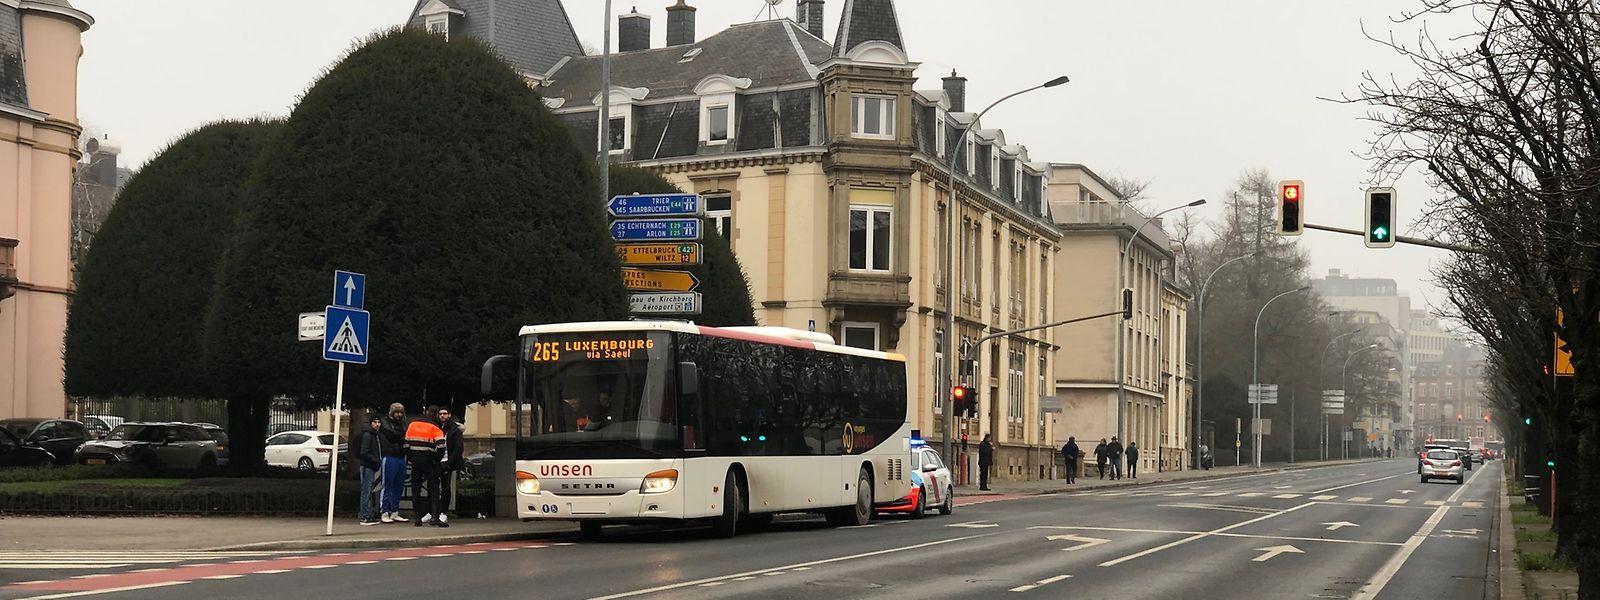 Die Einfahrt zur Avenue Marie-Thérèse war nach dem Unfall zeitweilig blockiert.